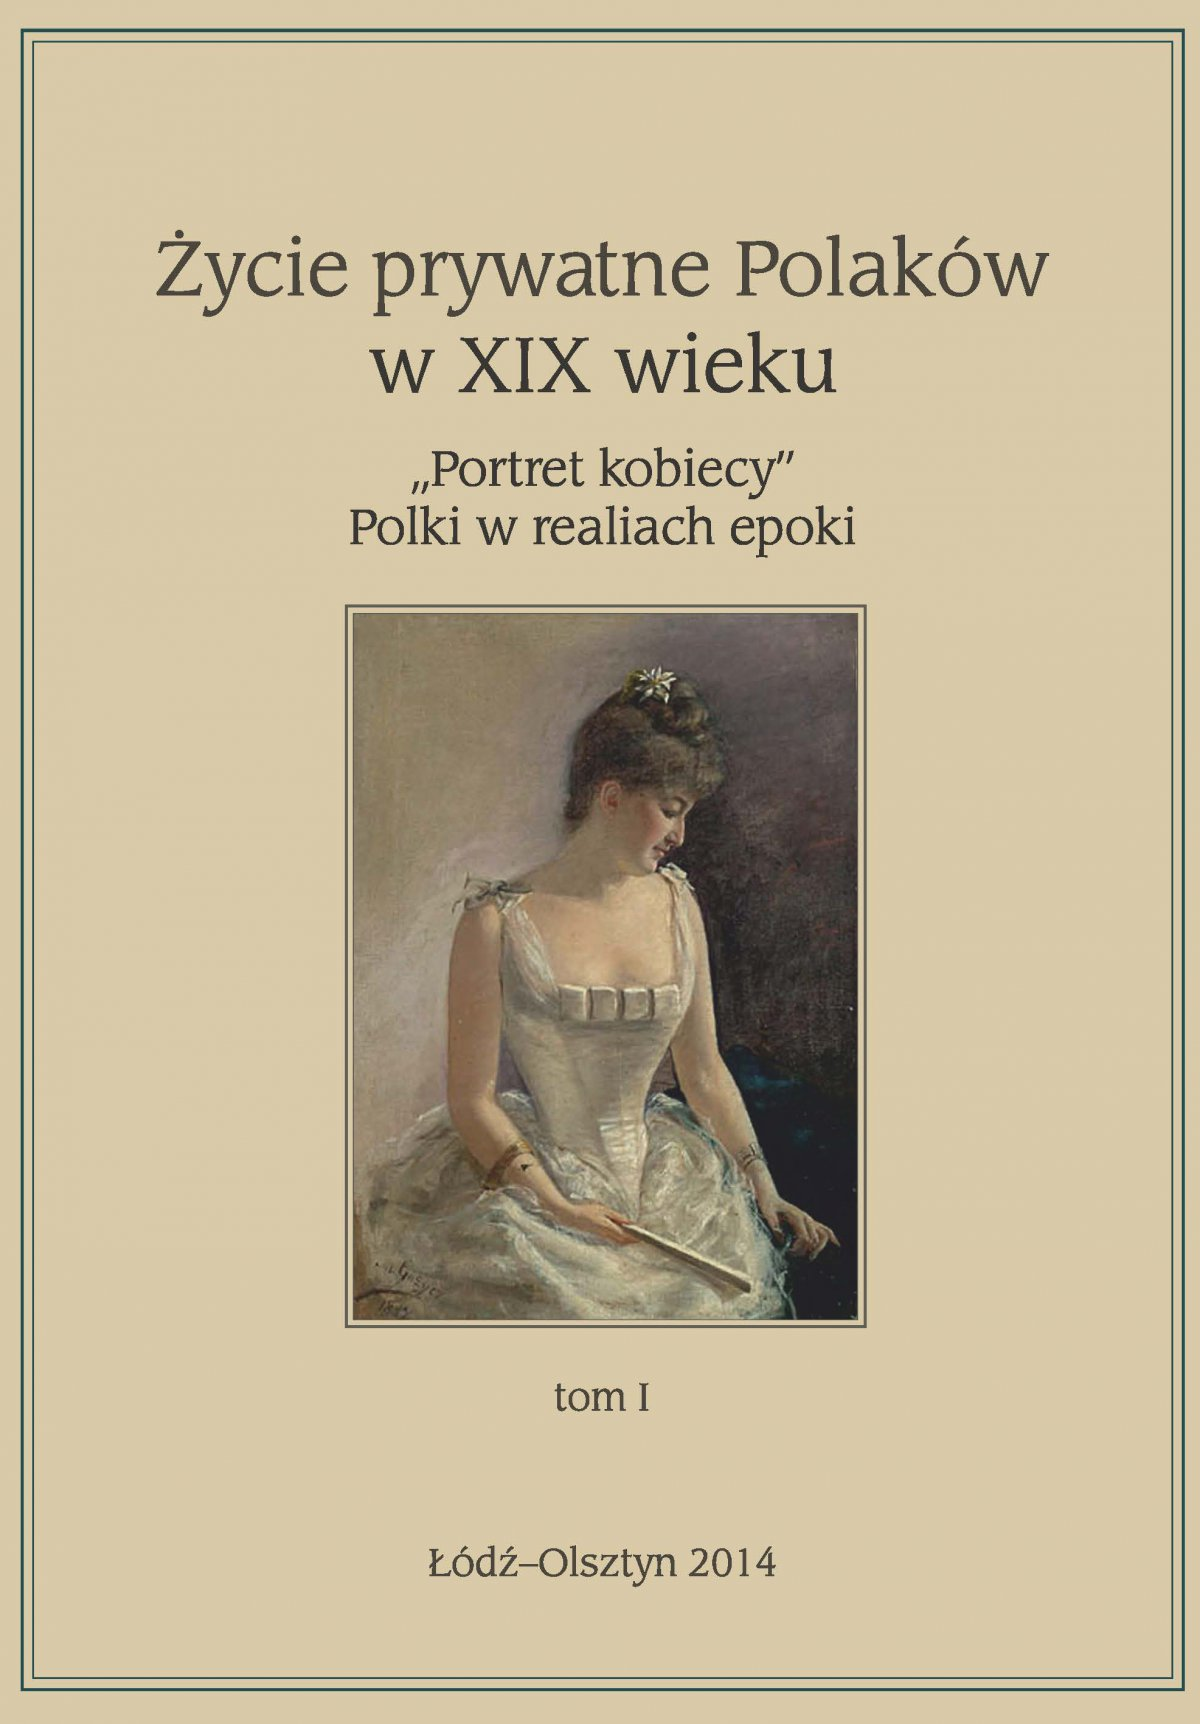 """Życie prywatne Polaków w XIX w. """"Portret kobiecy"""" Polki w realiach epoki. Tom 1 - Ebook (Książka na Kindle) do pobrania w formacie MOBI"""